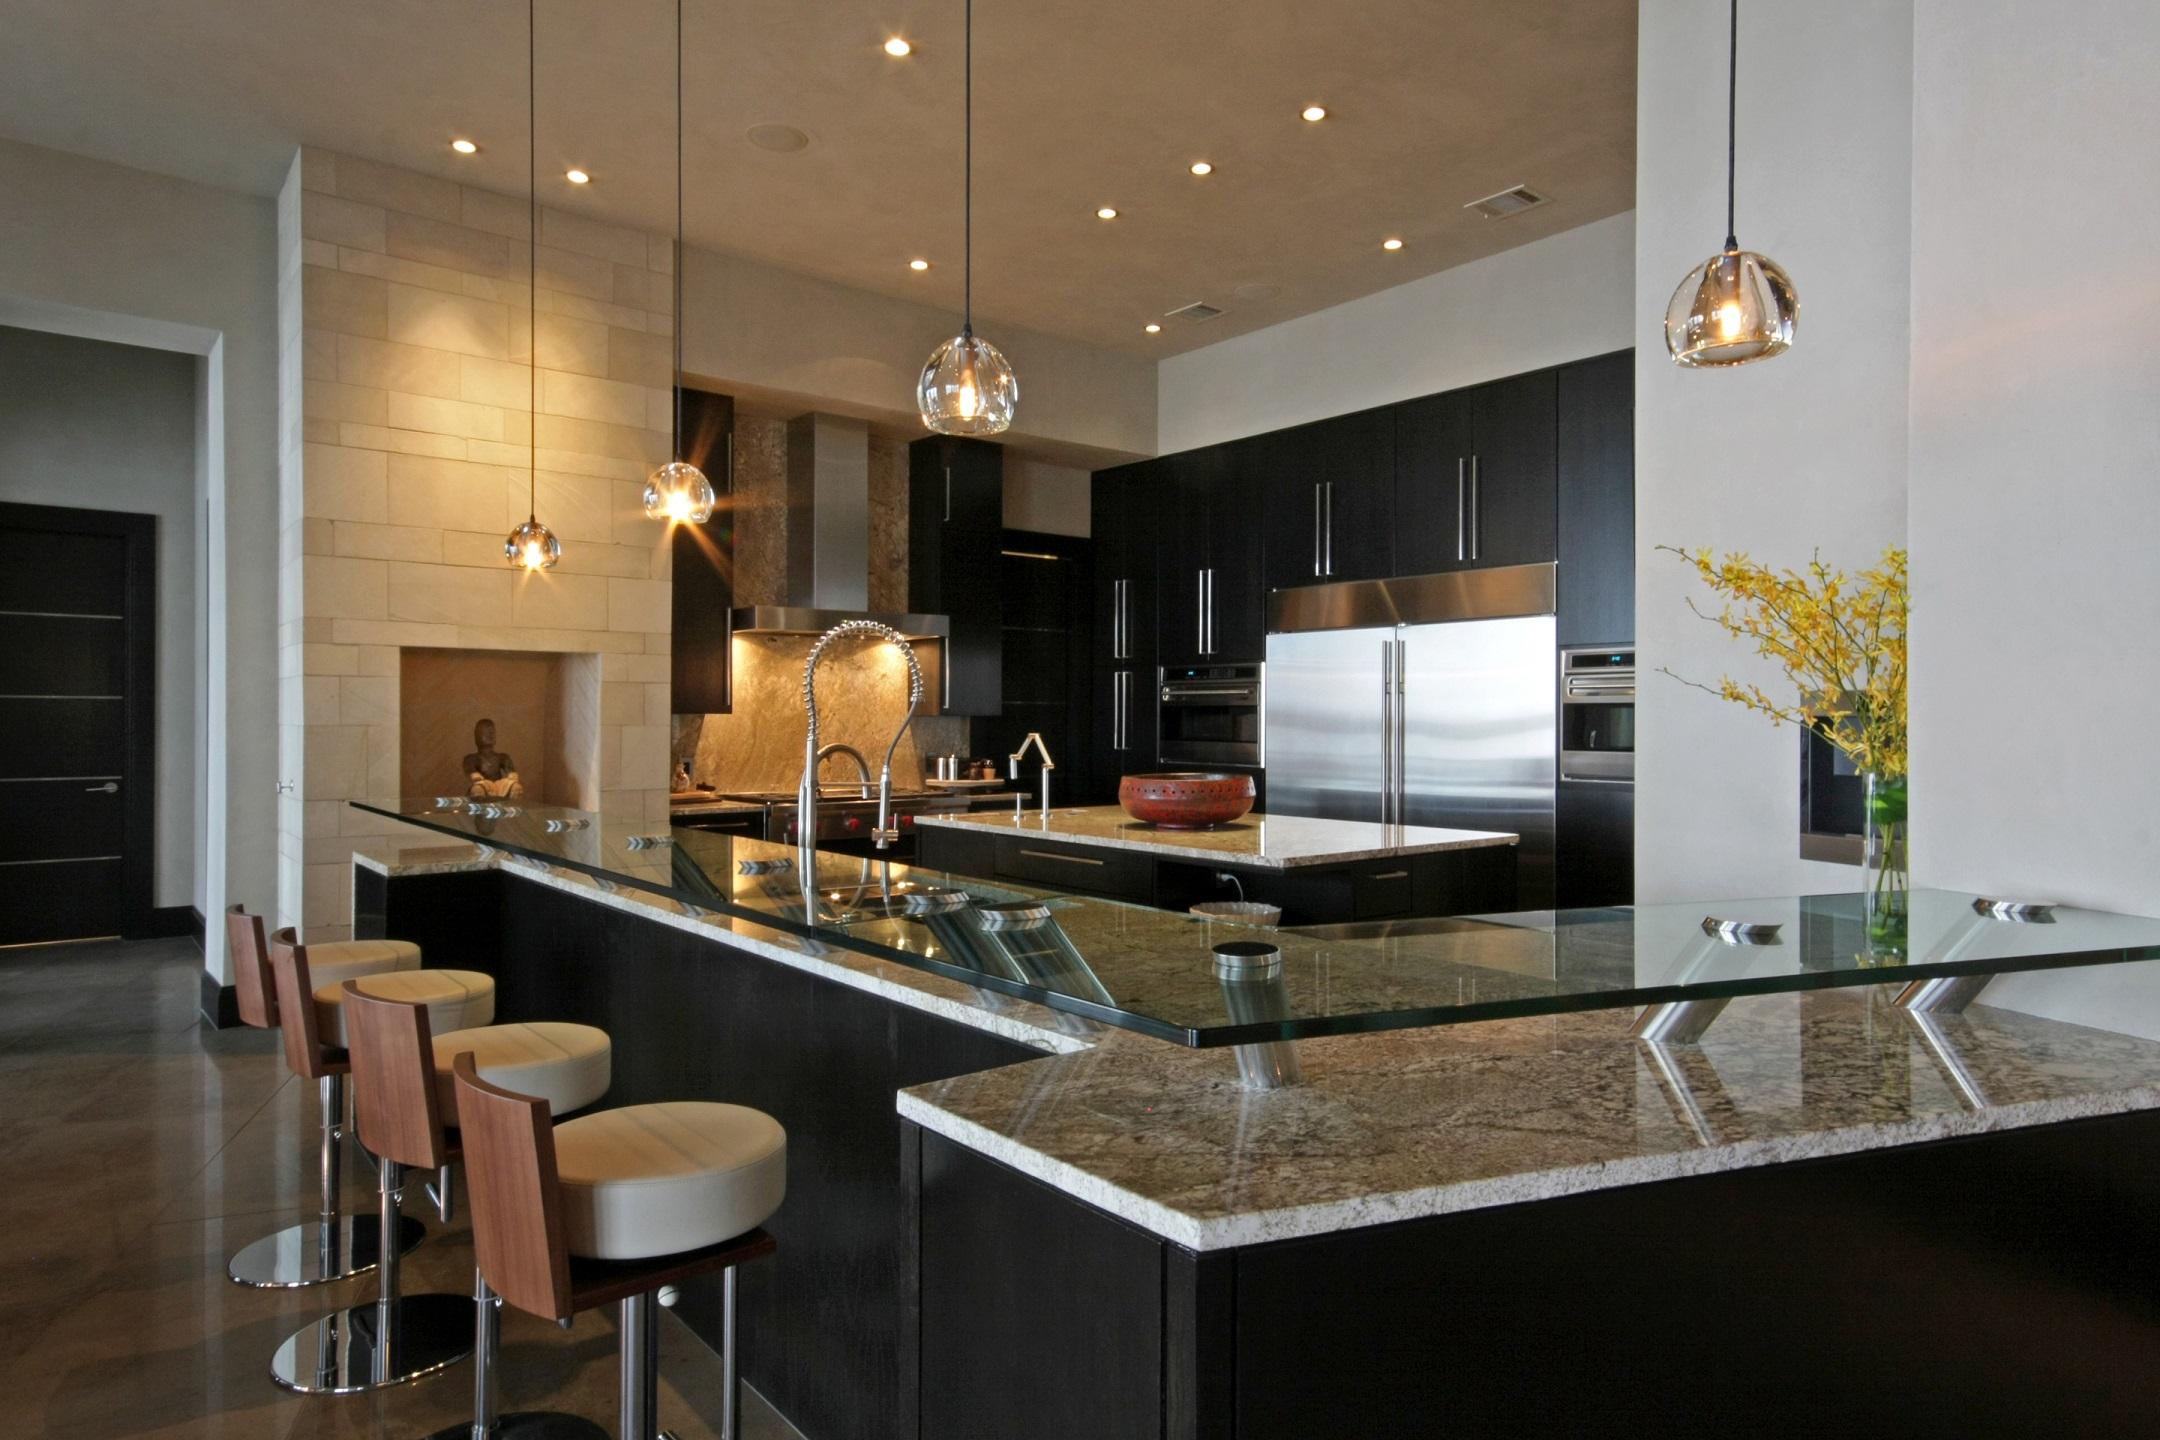 horseshoe-bay-kitchen-island